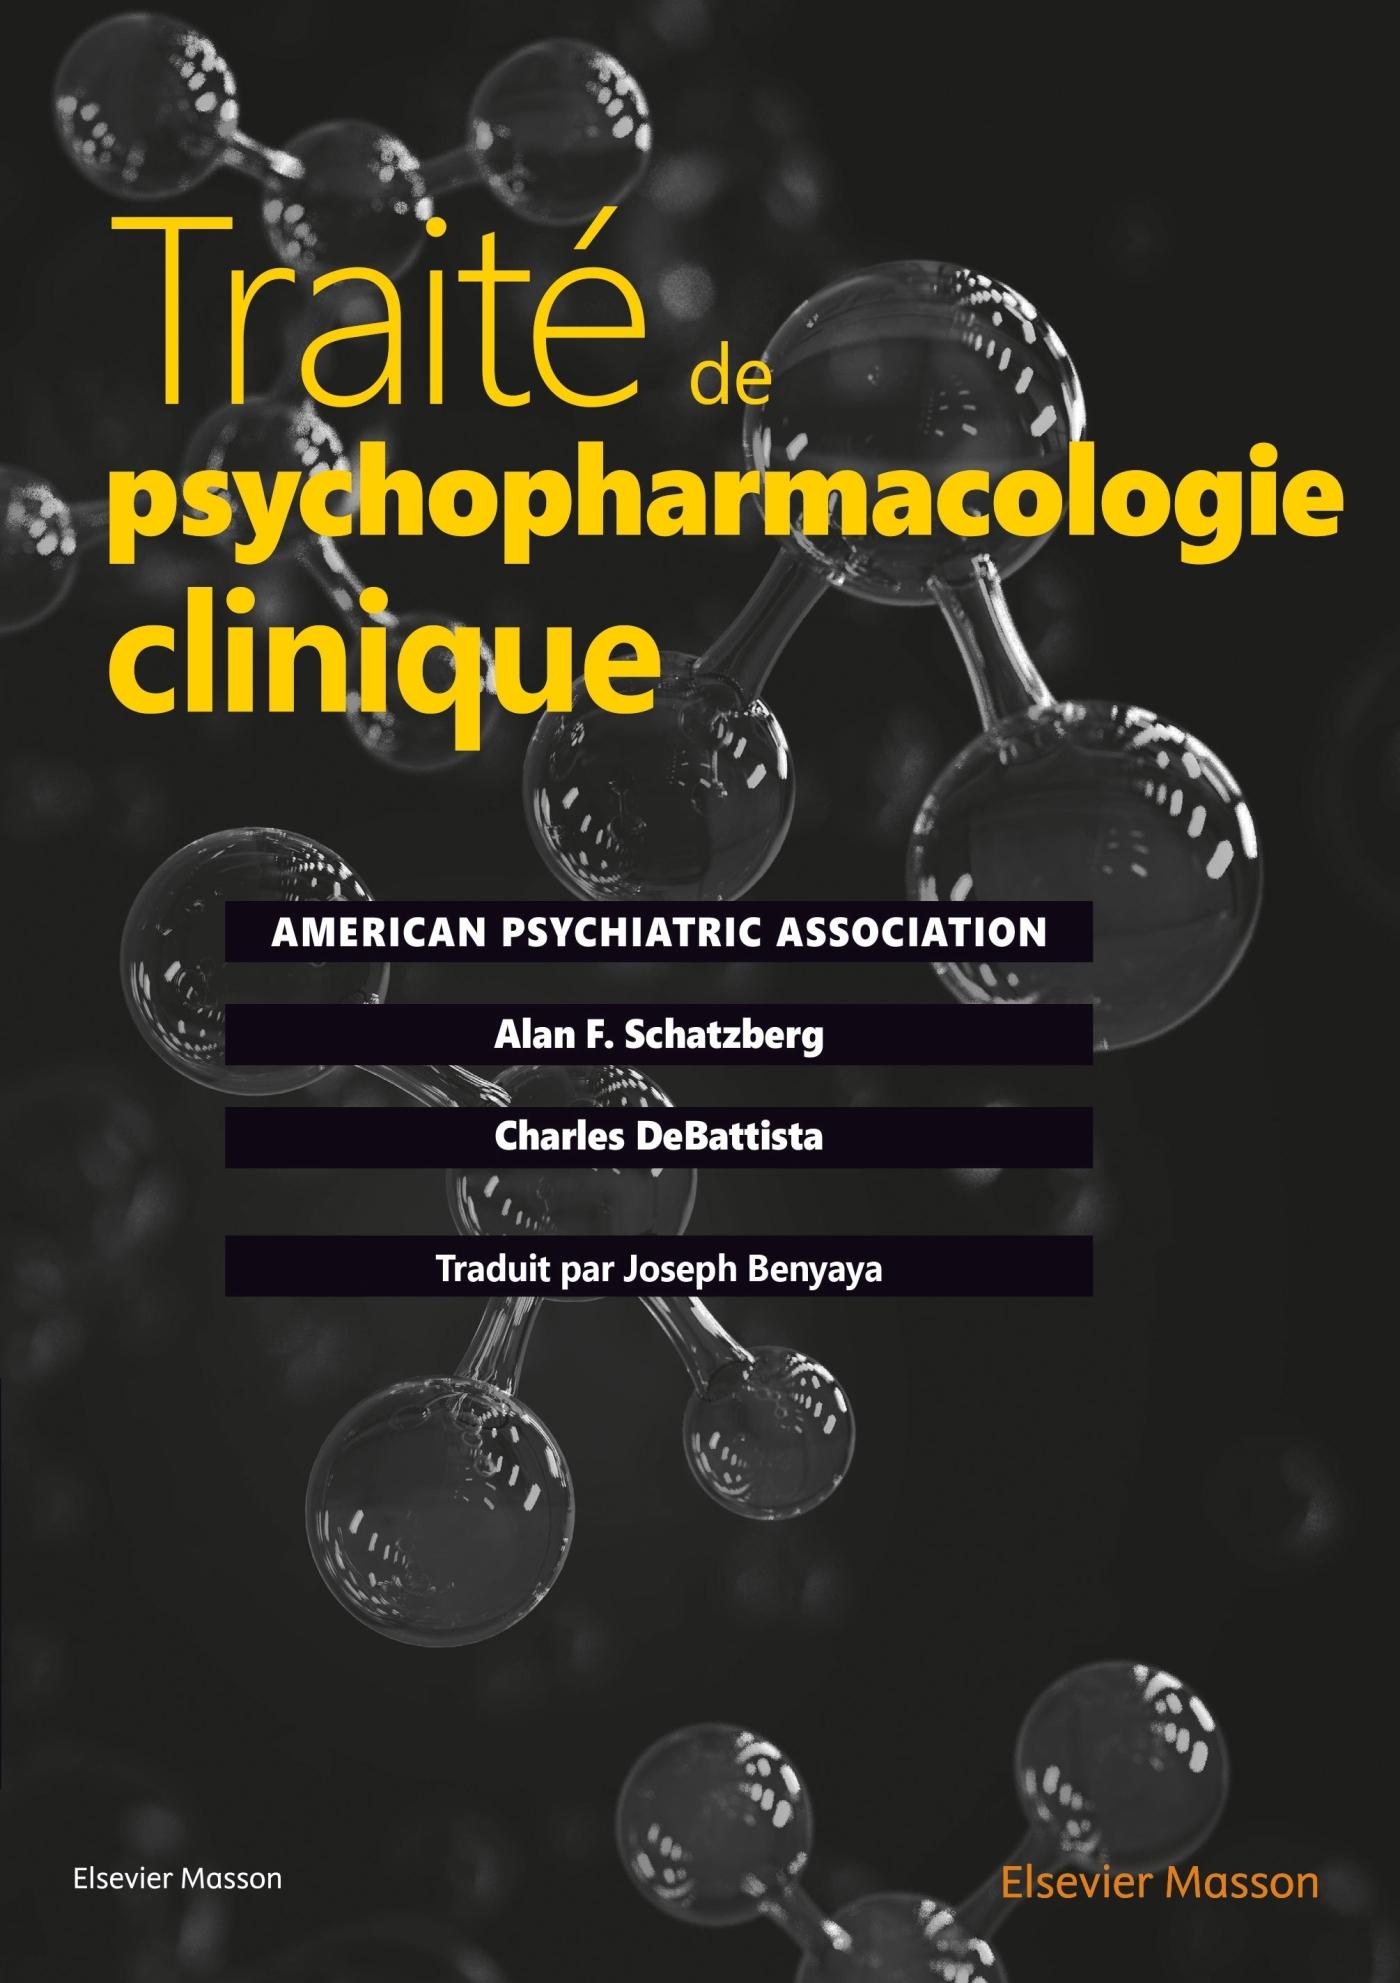 TRAITE DE PSYCHOPHARMACOLOGIE CLINIQUE